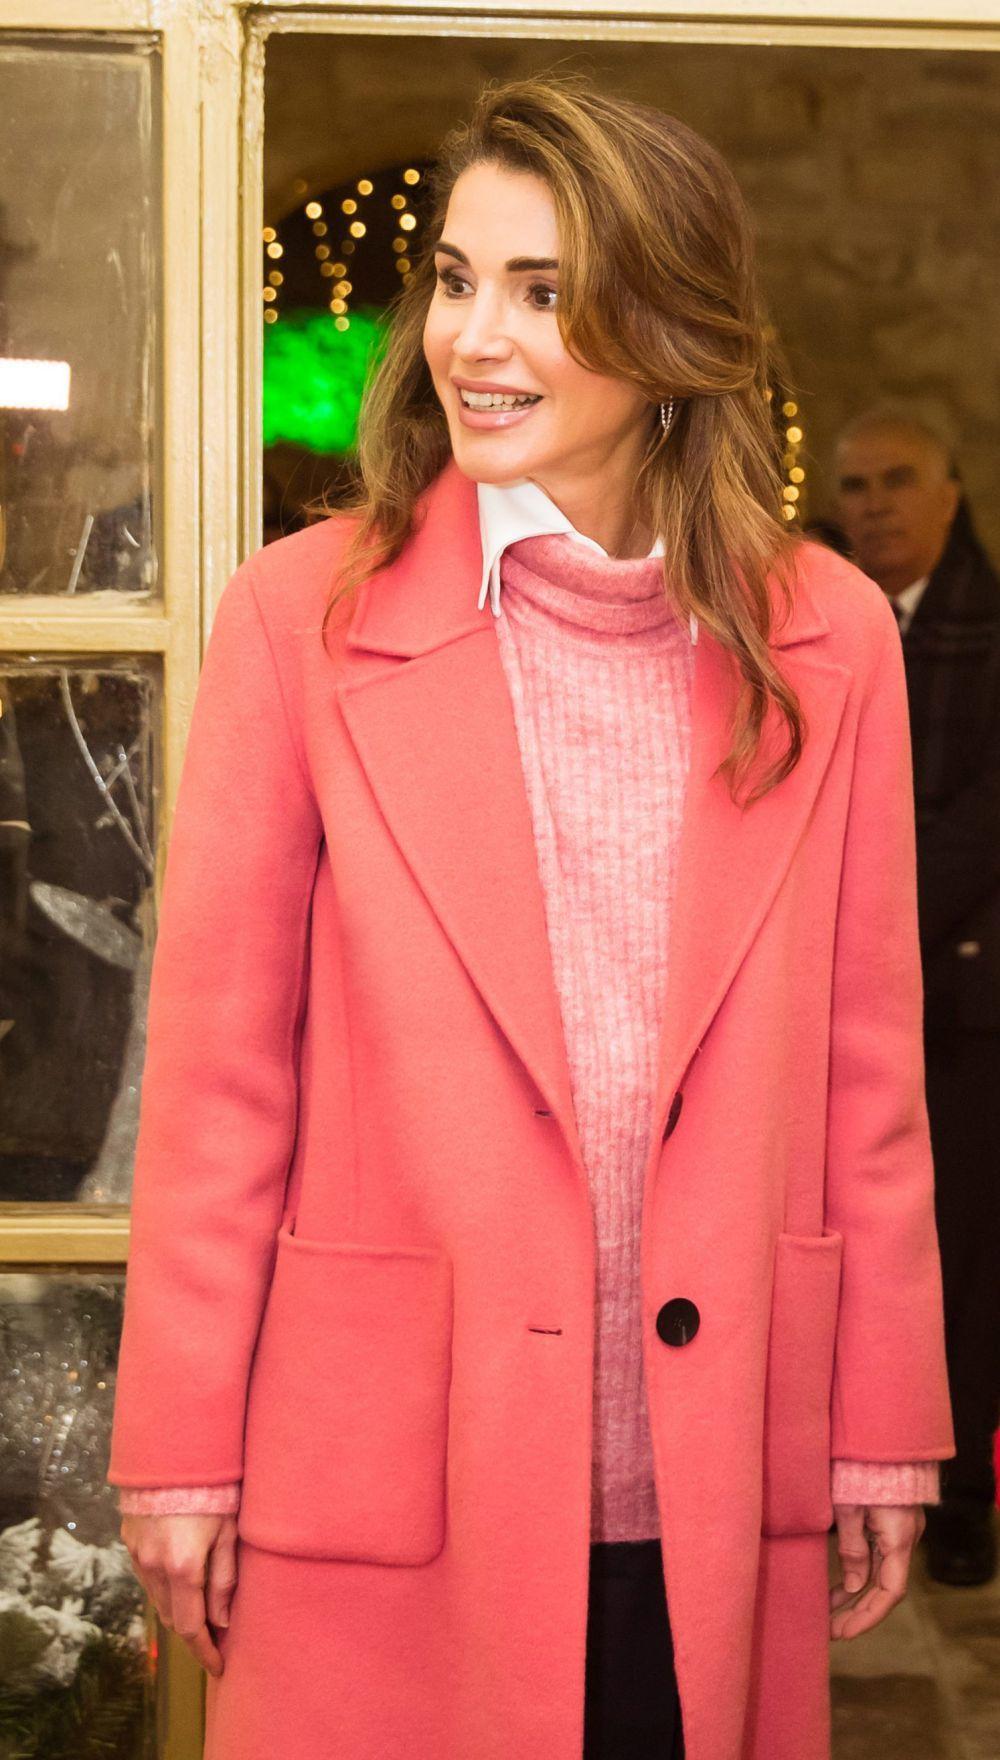 Rania de Jordania durante la iluminación de navidad.